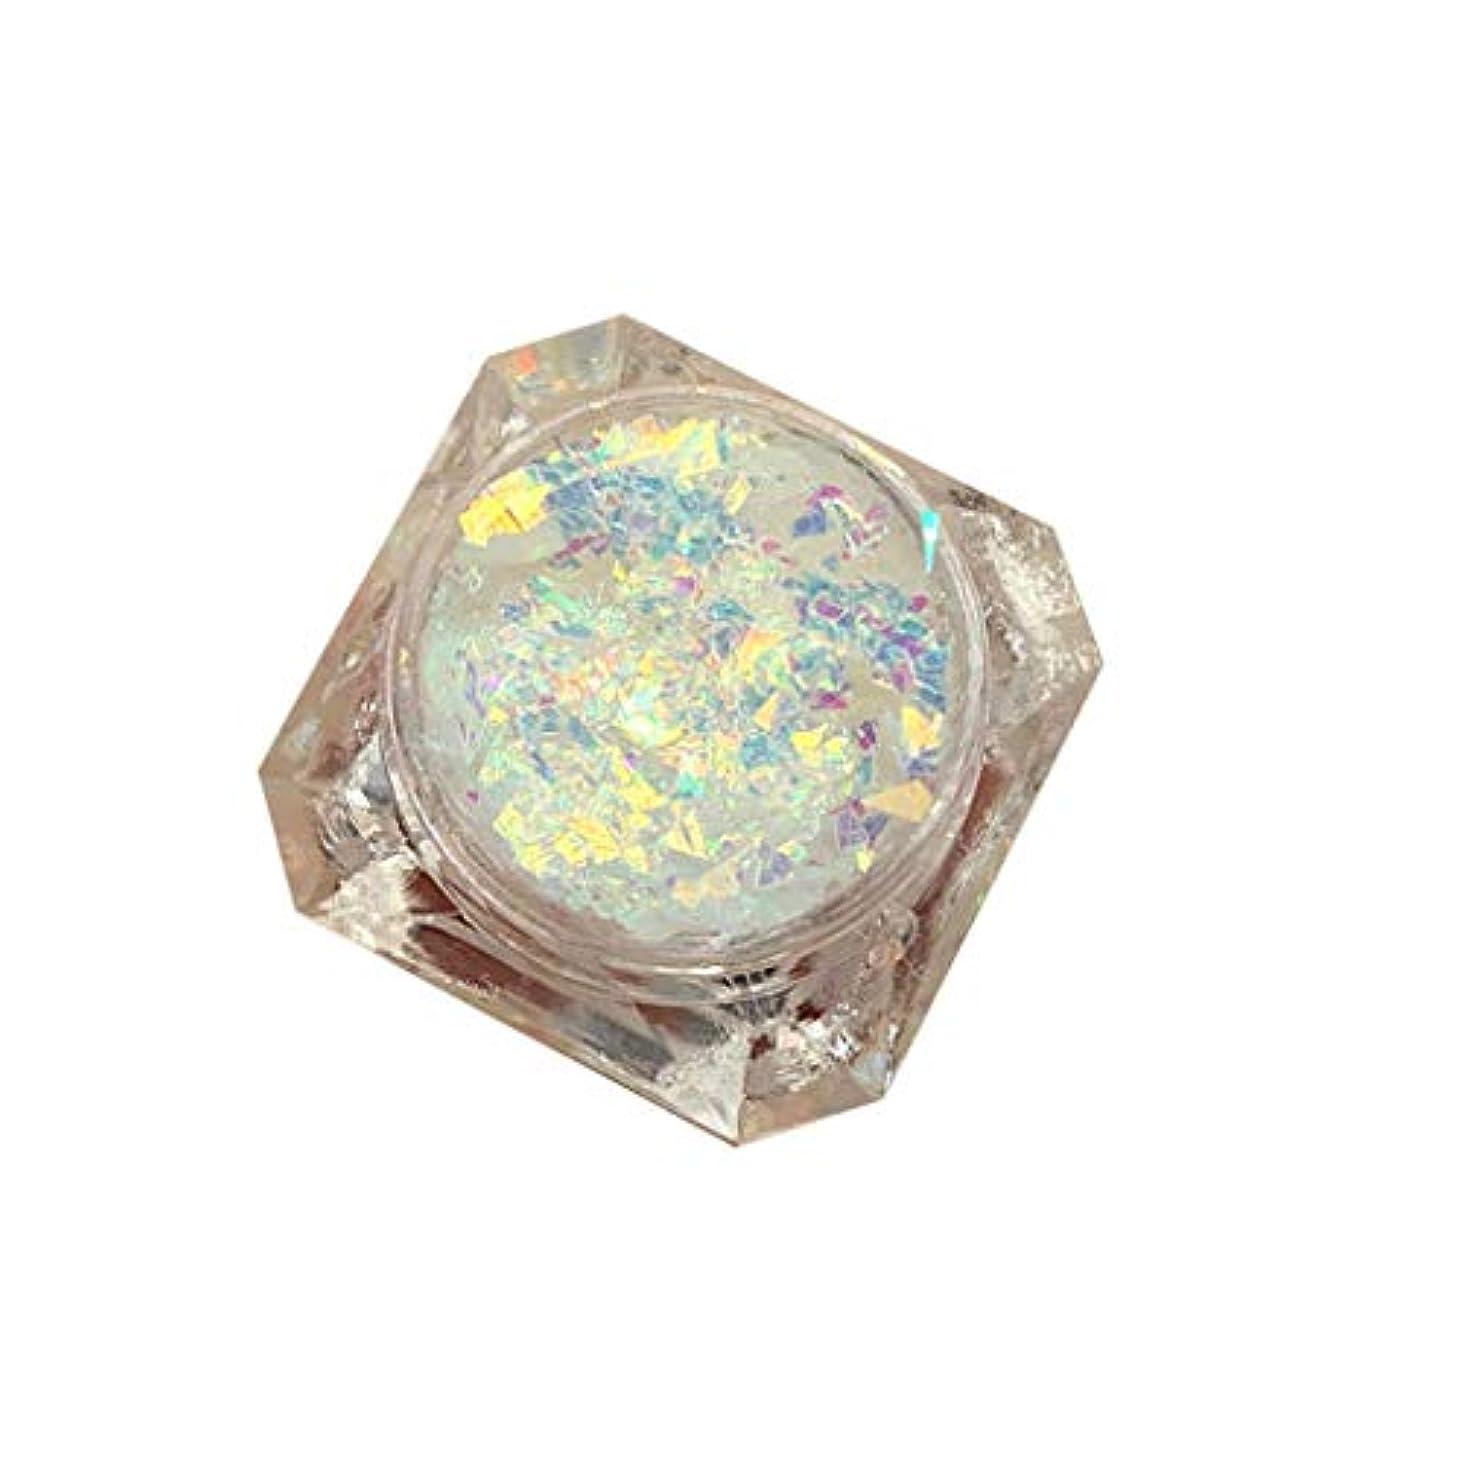 ニンニク政権調整GOOD lask 接着剤フリーのスパンコール混合ゲルジェルクリーム真珠光沢のある高光沢グリッターグリッターアイパウダールースパウダージェルシャドウセット (N)